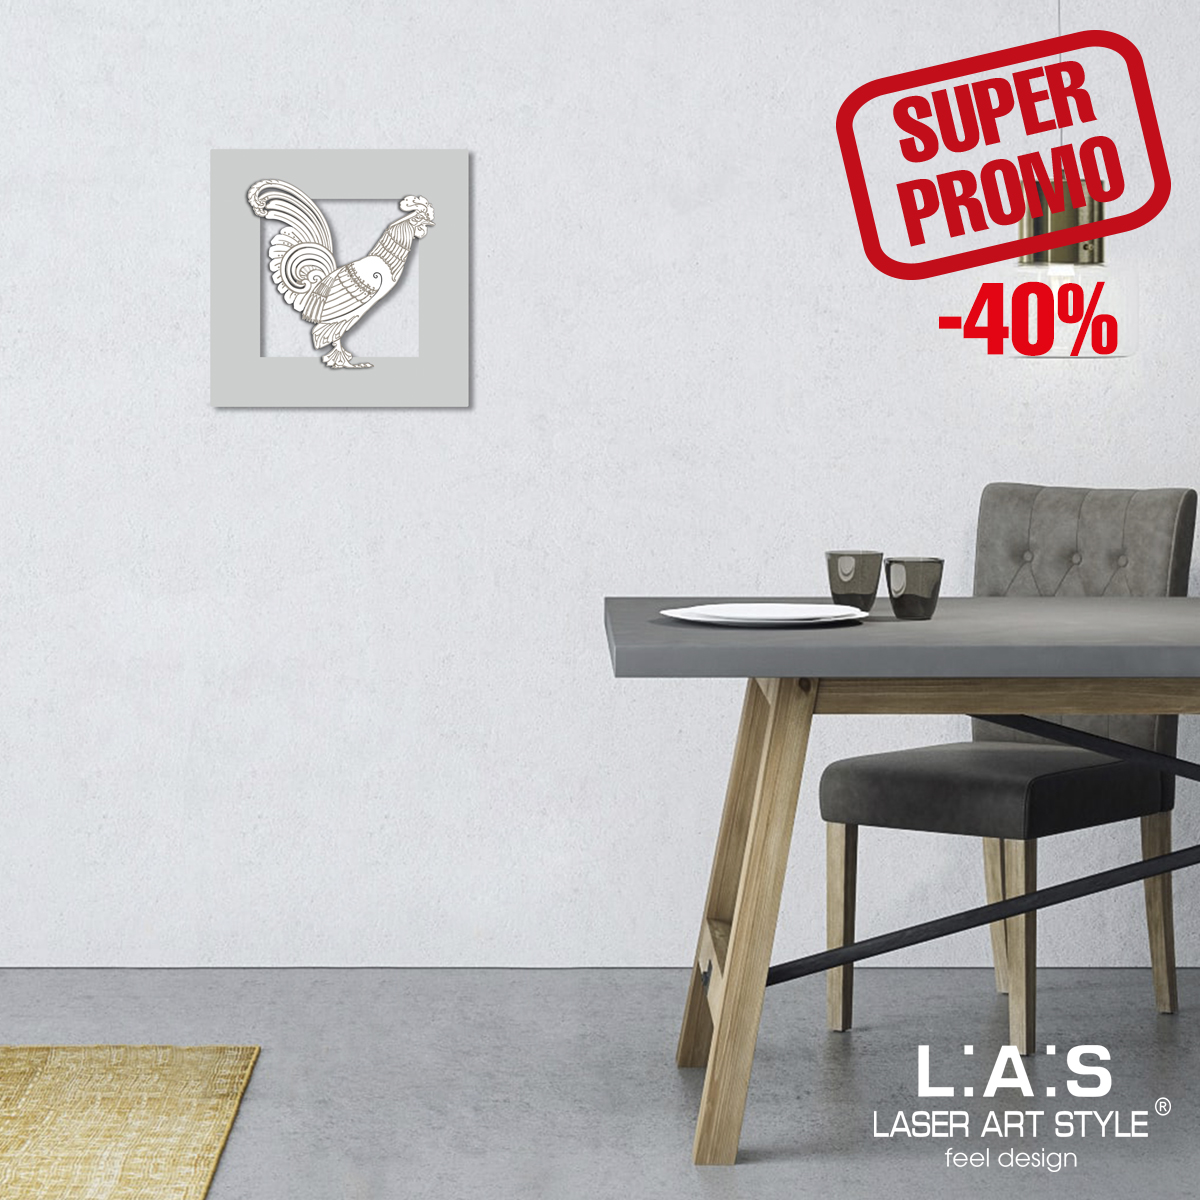 L:A:S - Laser Art Style - QUADRO DESIGN FIGURATIVO -SCULTURA DA PARETE SI-128BQ-S GRIGIO LUCE-BIANCO